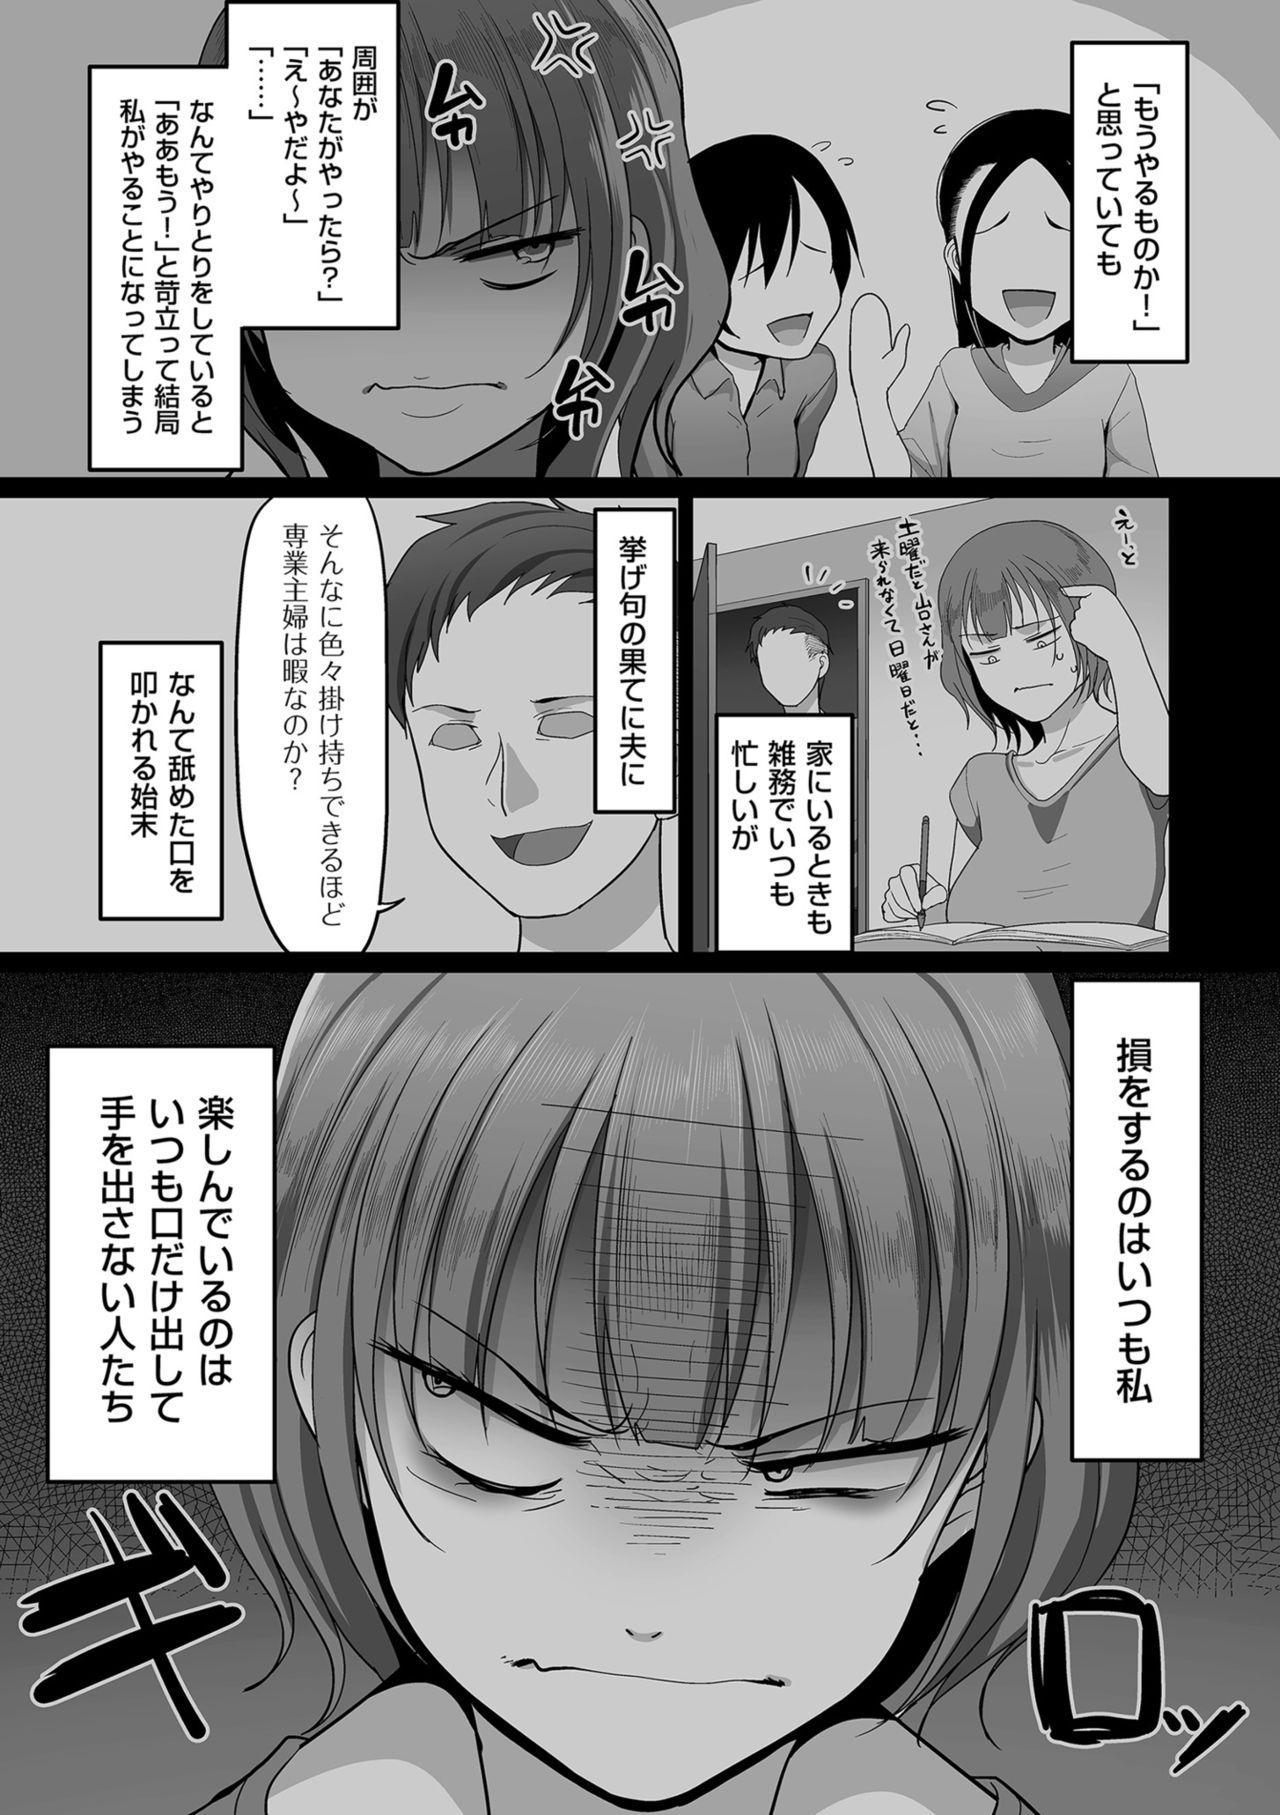 [Yamamoto Zenzen] S-ken K-shi Shakaijin Joshi Volleyball Circle no Jijou [Digital] 57